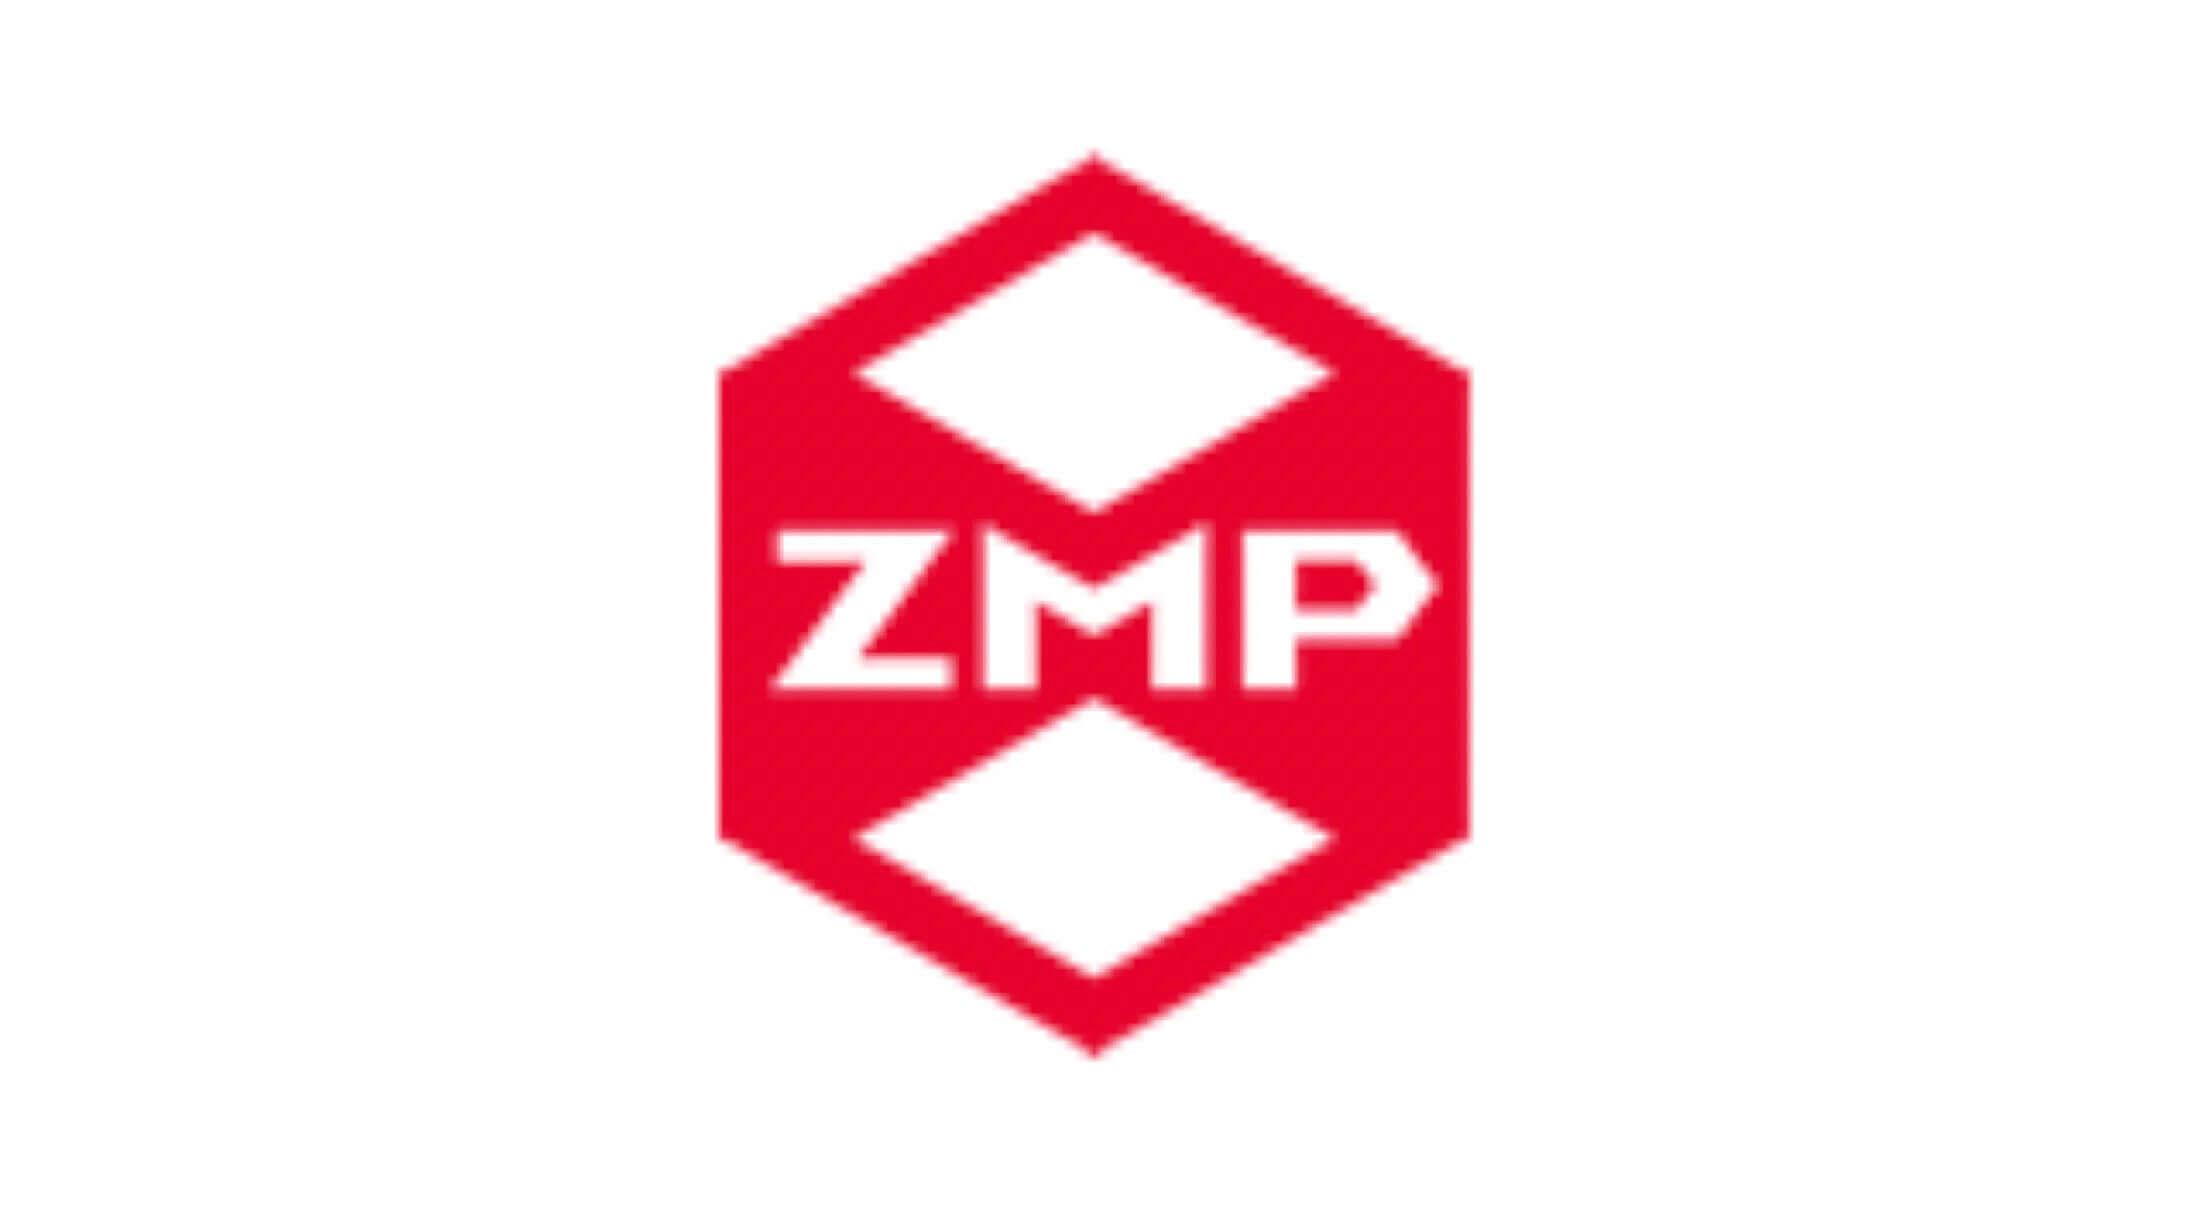 株式会社ZMPの決算/売上/経常利益を調べ、世間の評判を徹底調査